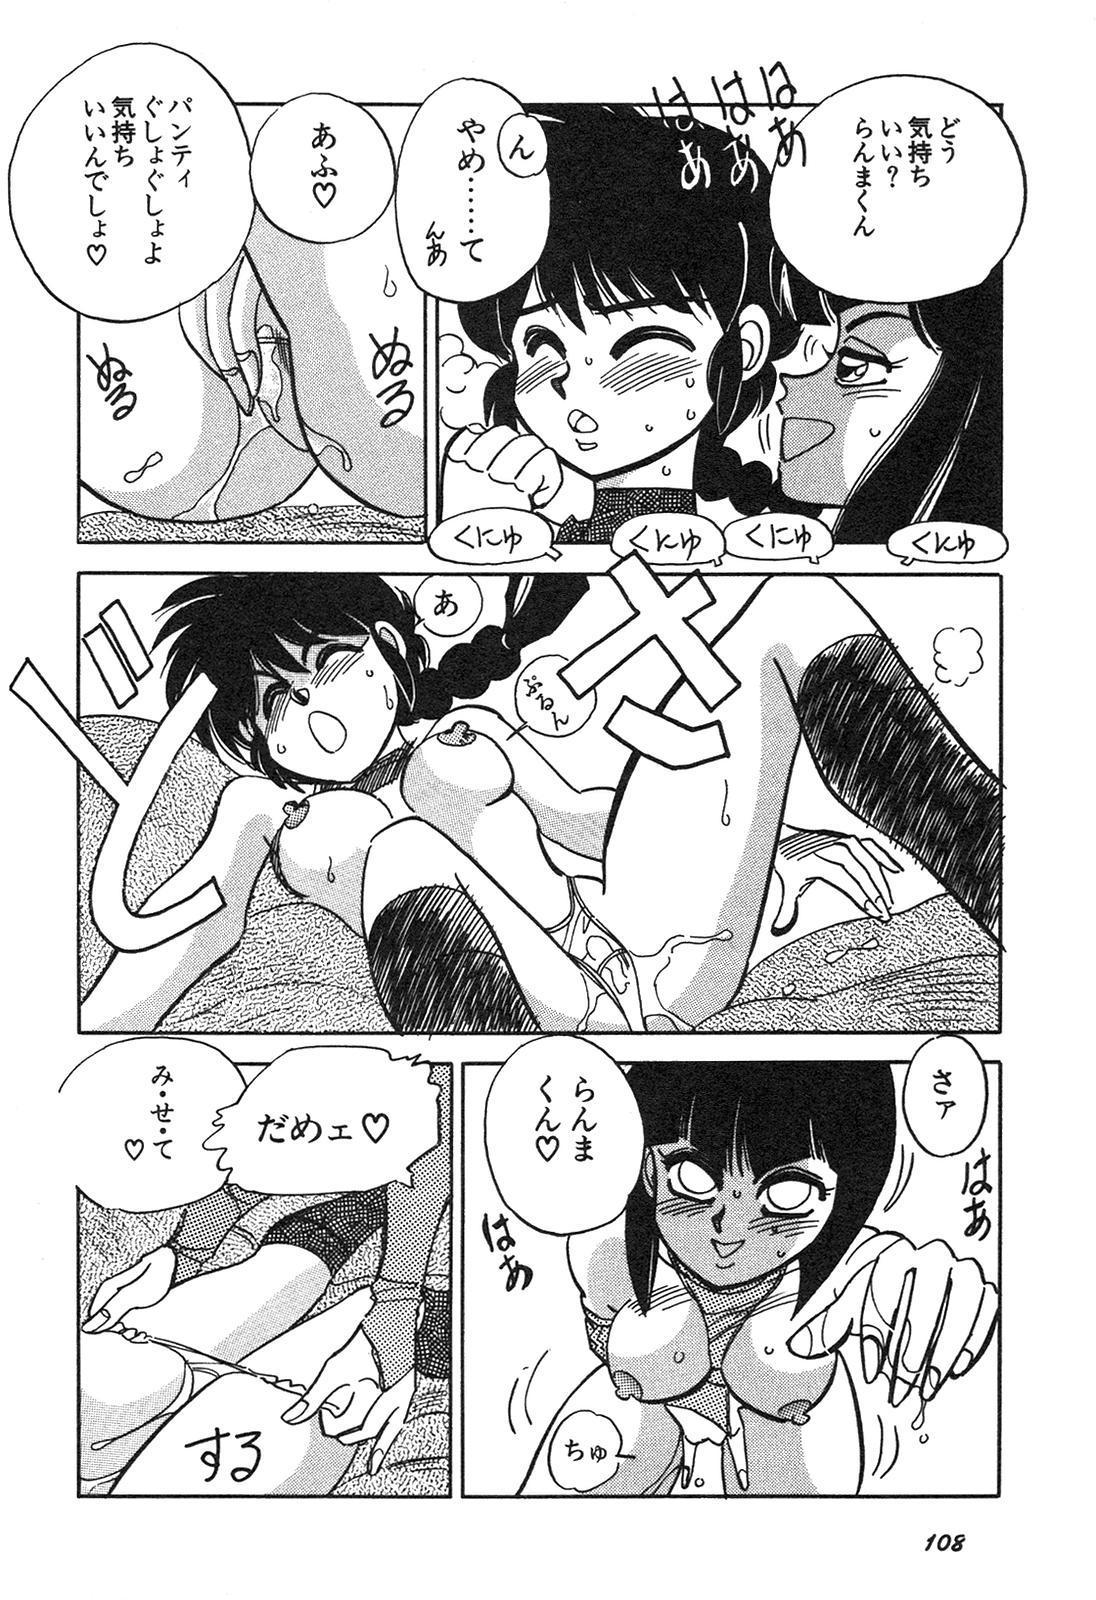 Shin Bishoujo Shoukougun 3 Yamato hen 108